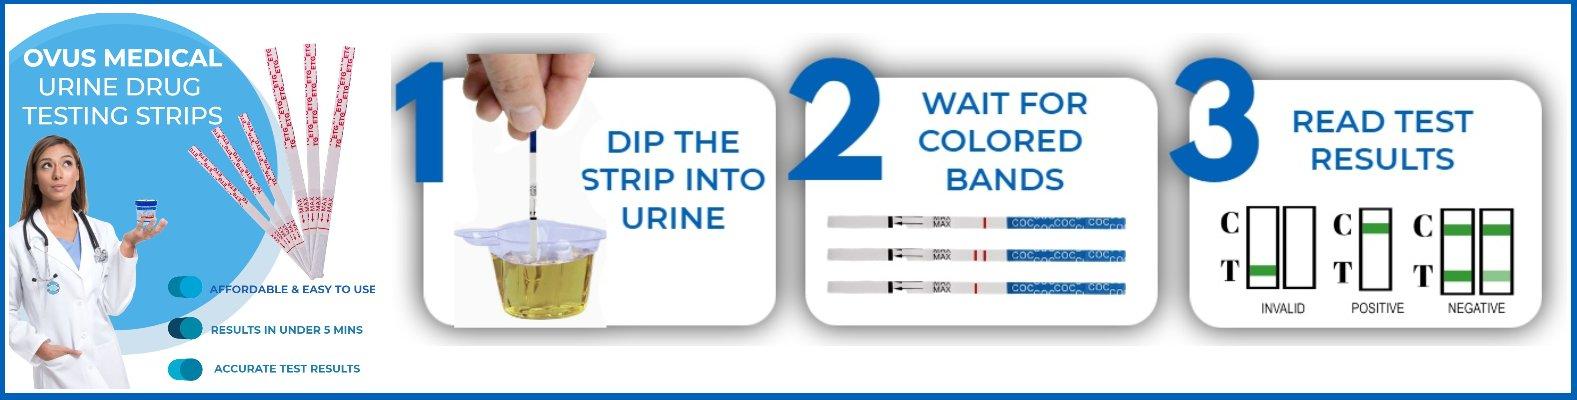 ovus medical drug test strips instruction